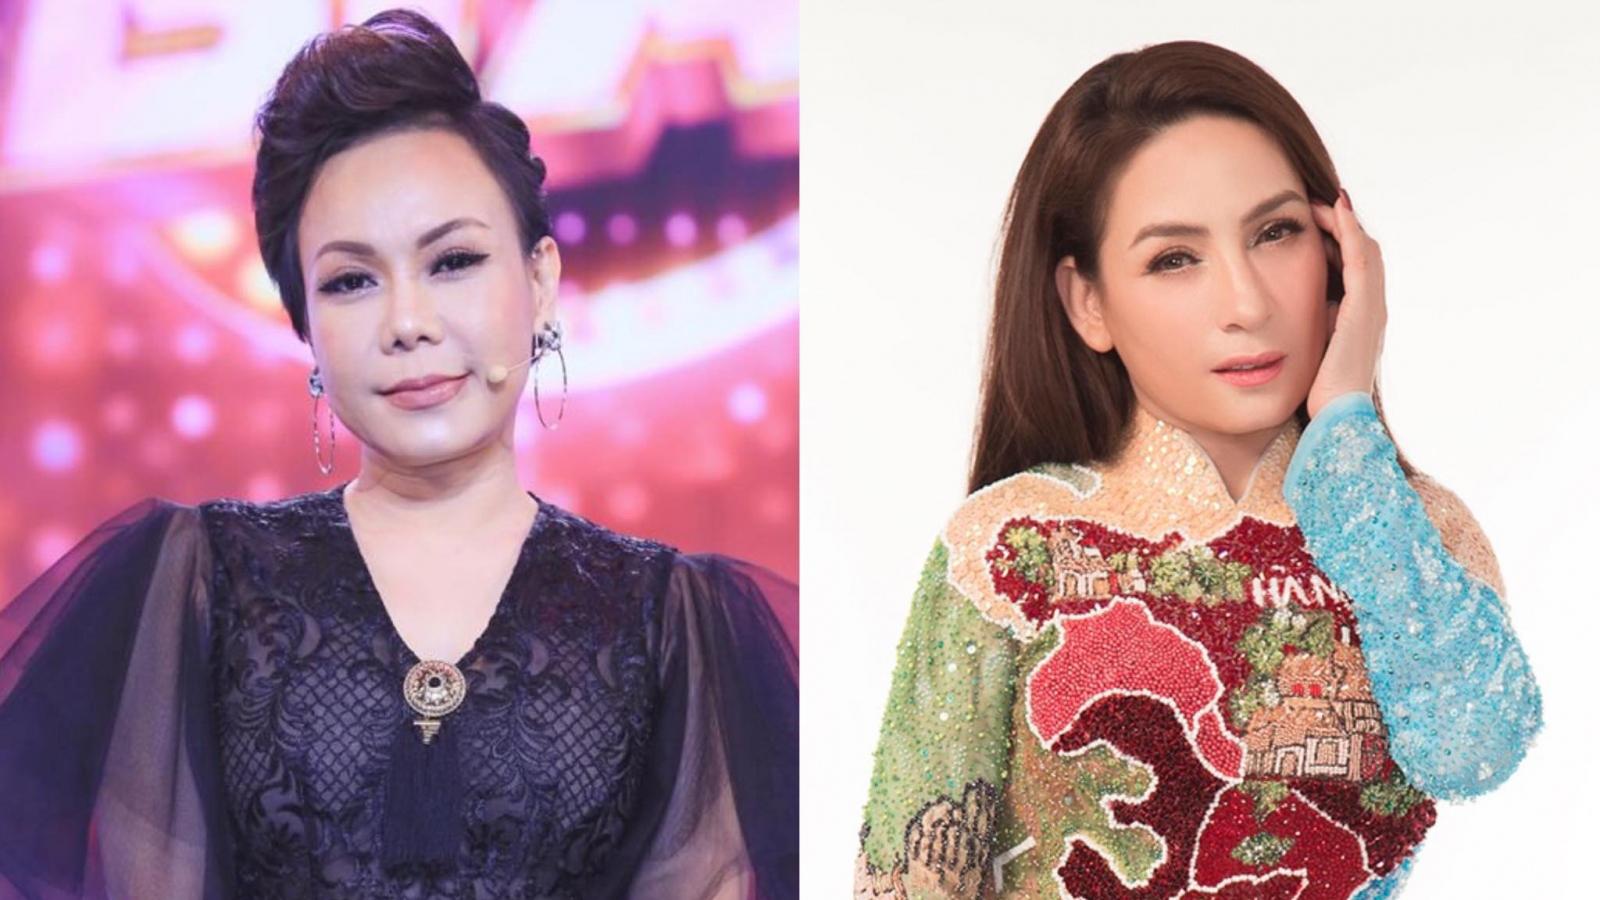 Chuyện showbiz: Việt Hương tiết lộ tình trạng sức khoẻ hiện tại của Phi Nhung